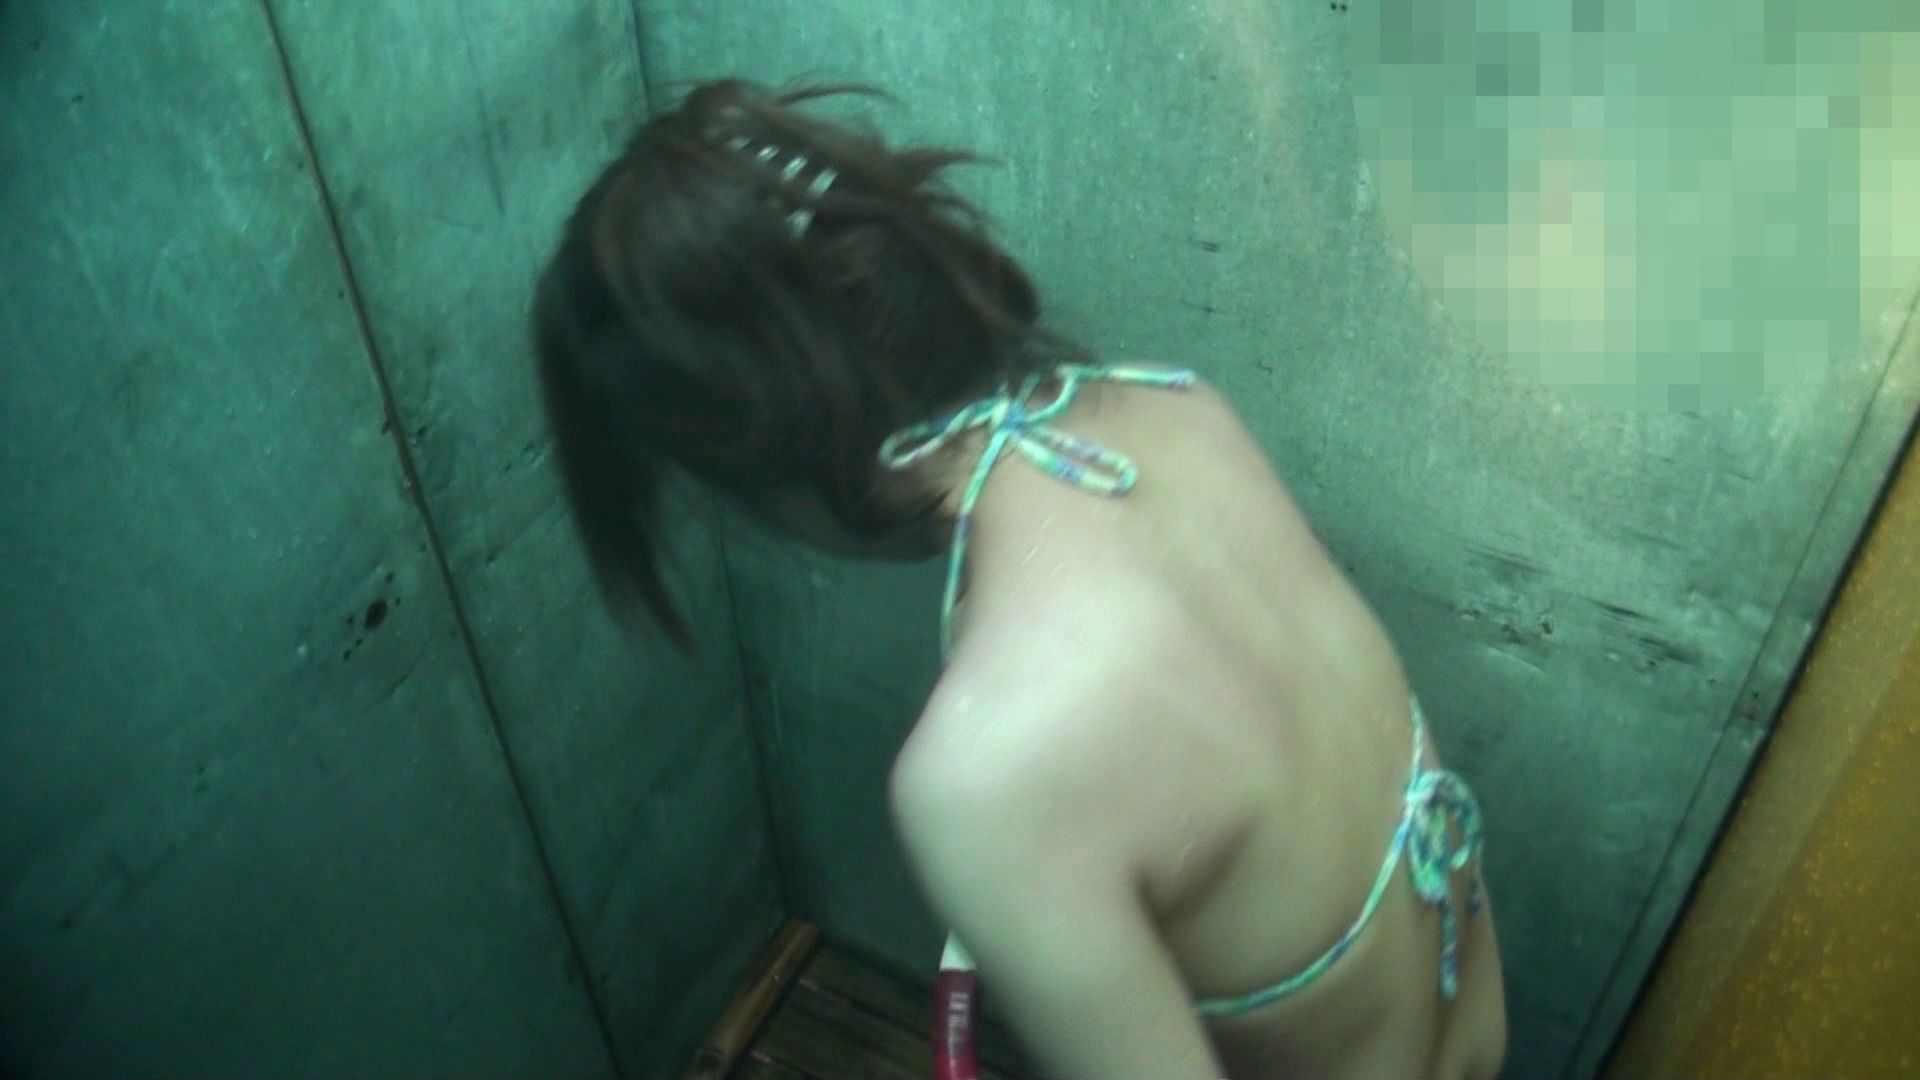 シャワールームは超!!危険な香りVol.15 残念ですが乳首未確認 マンコの砂は入念に シャワー オメコ動画キャプチャ 70pic 19